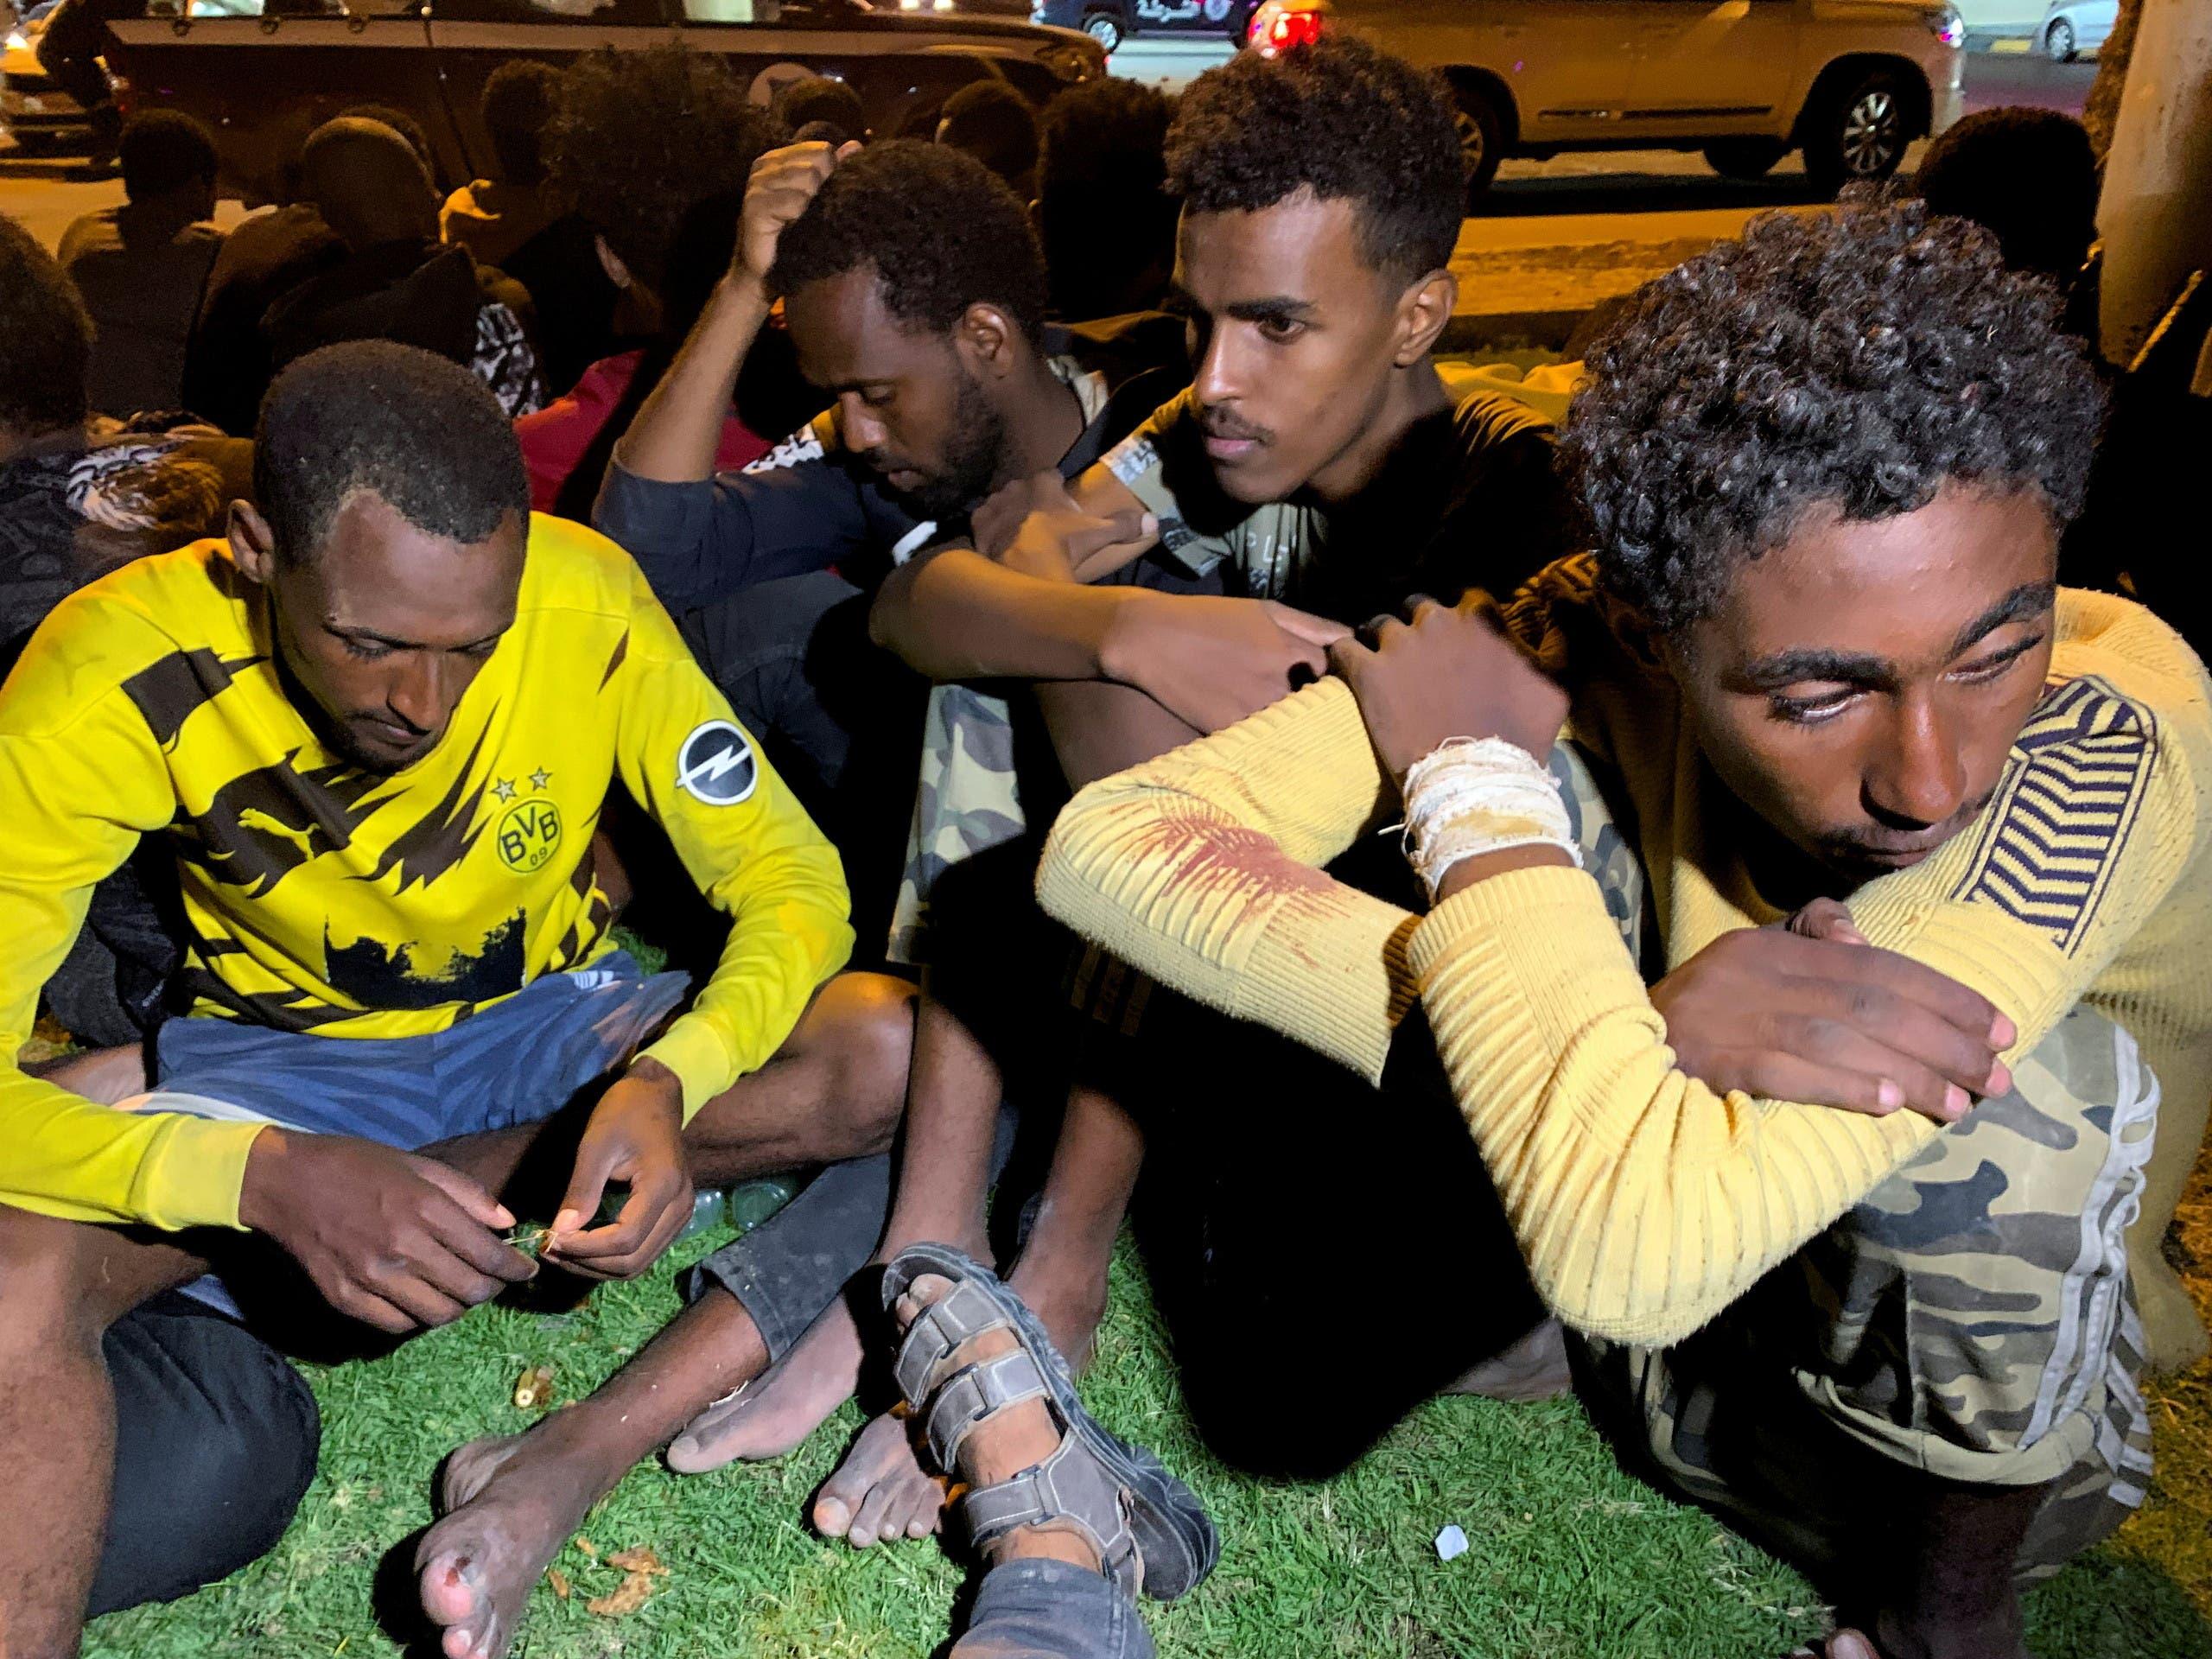 مهاجرون احتجزتهم السلطات في طرابلس خلال حملتها الأسبوع الماضي